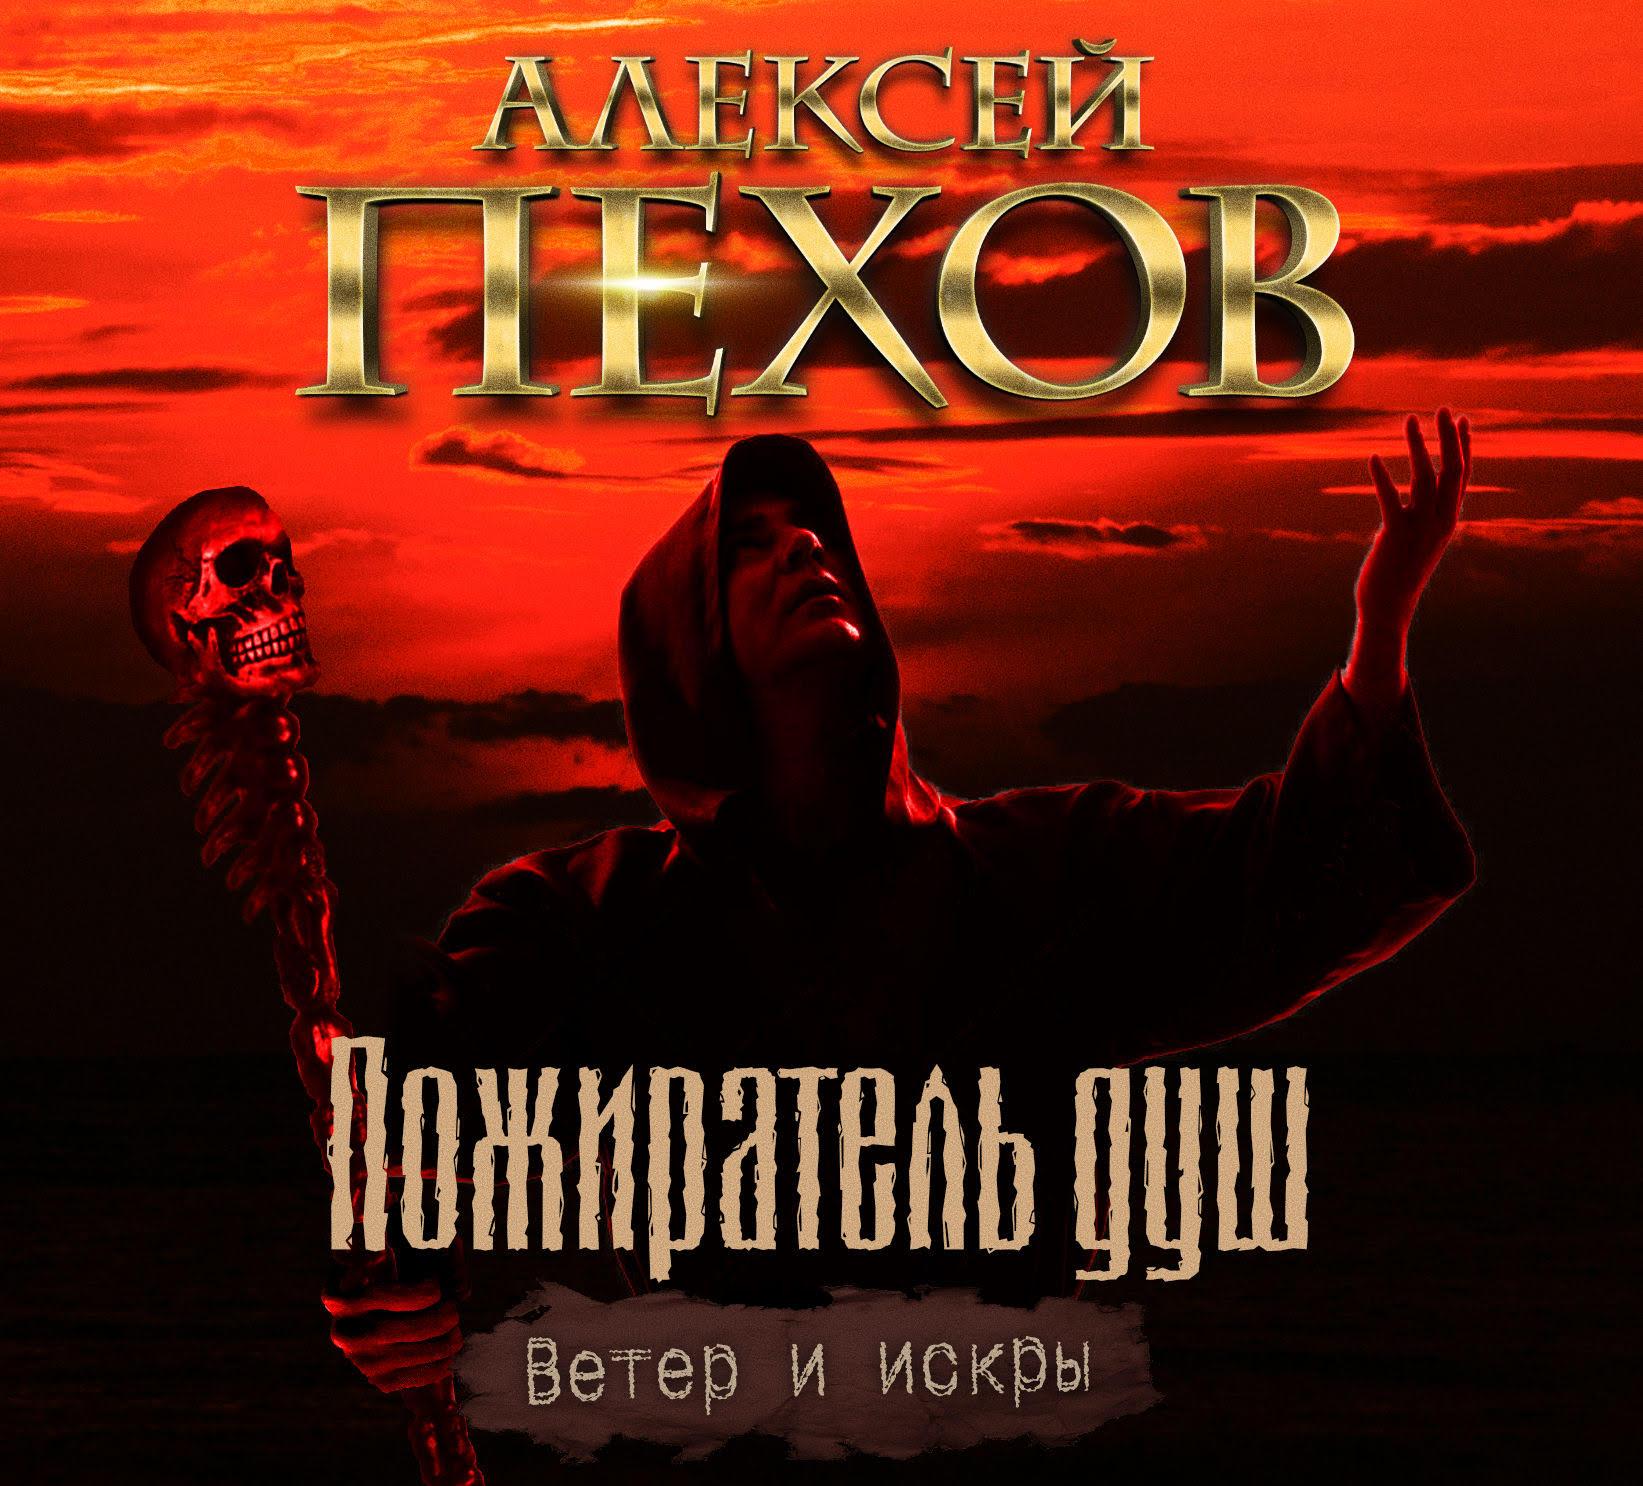 Алексей Пехов Пожиратель душ алексей пехов лённарт из гренграса